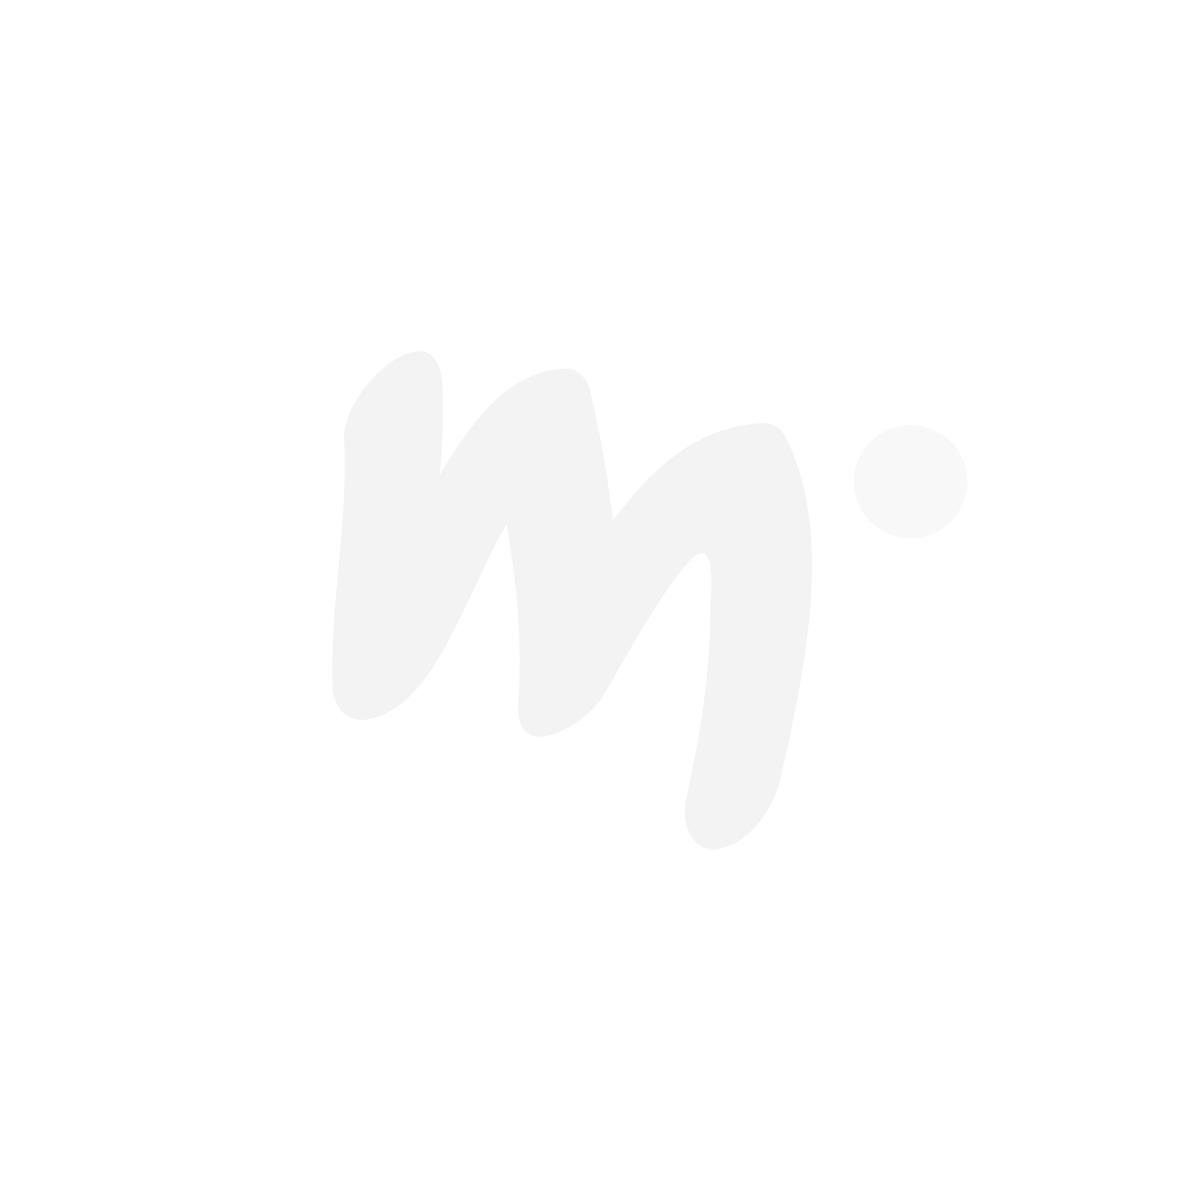 Muumi Puutarha-purkit 3 kpl